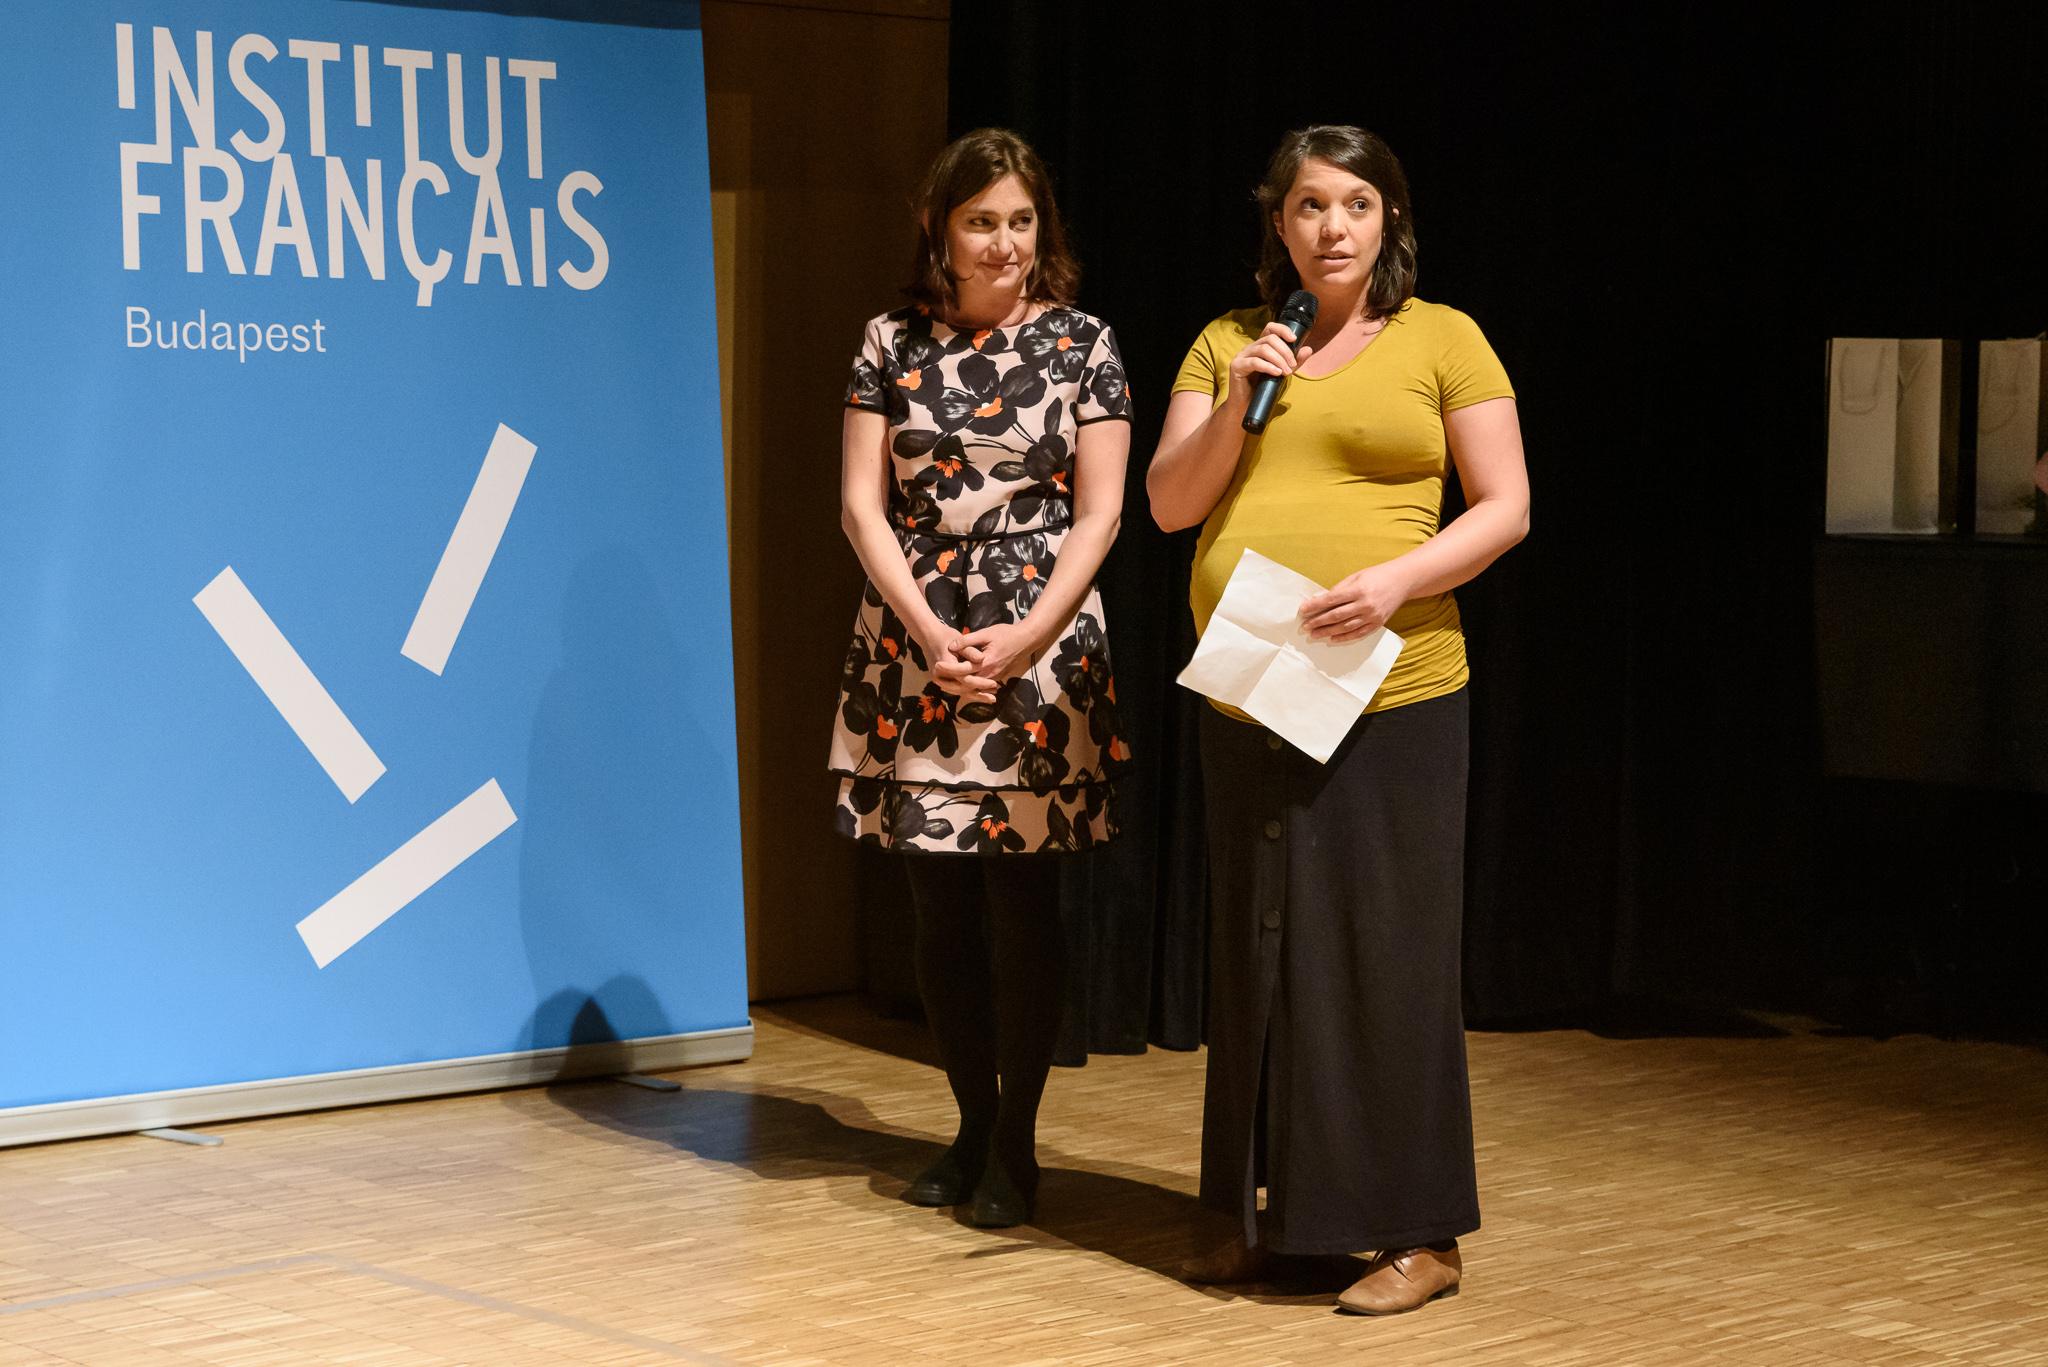 13. kép: Joó Katalin, a Lush Hungary vezetője és Kapronczay Stefánia, a TASZ ügyvezető igazgatója